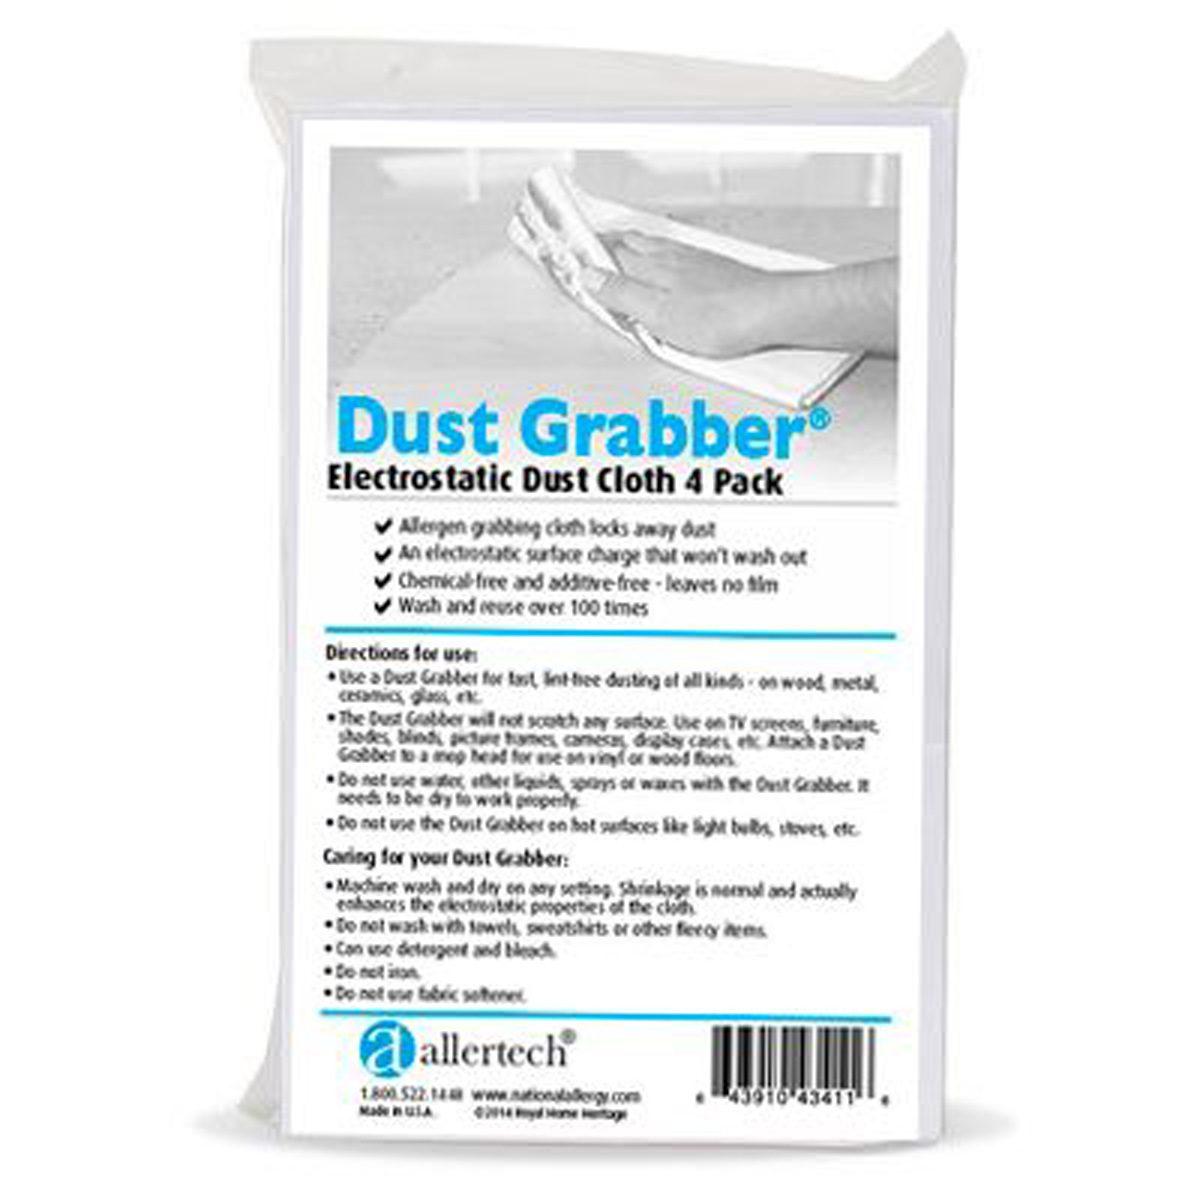 dust grabber